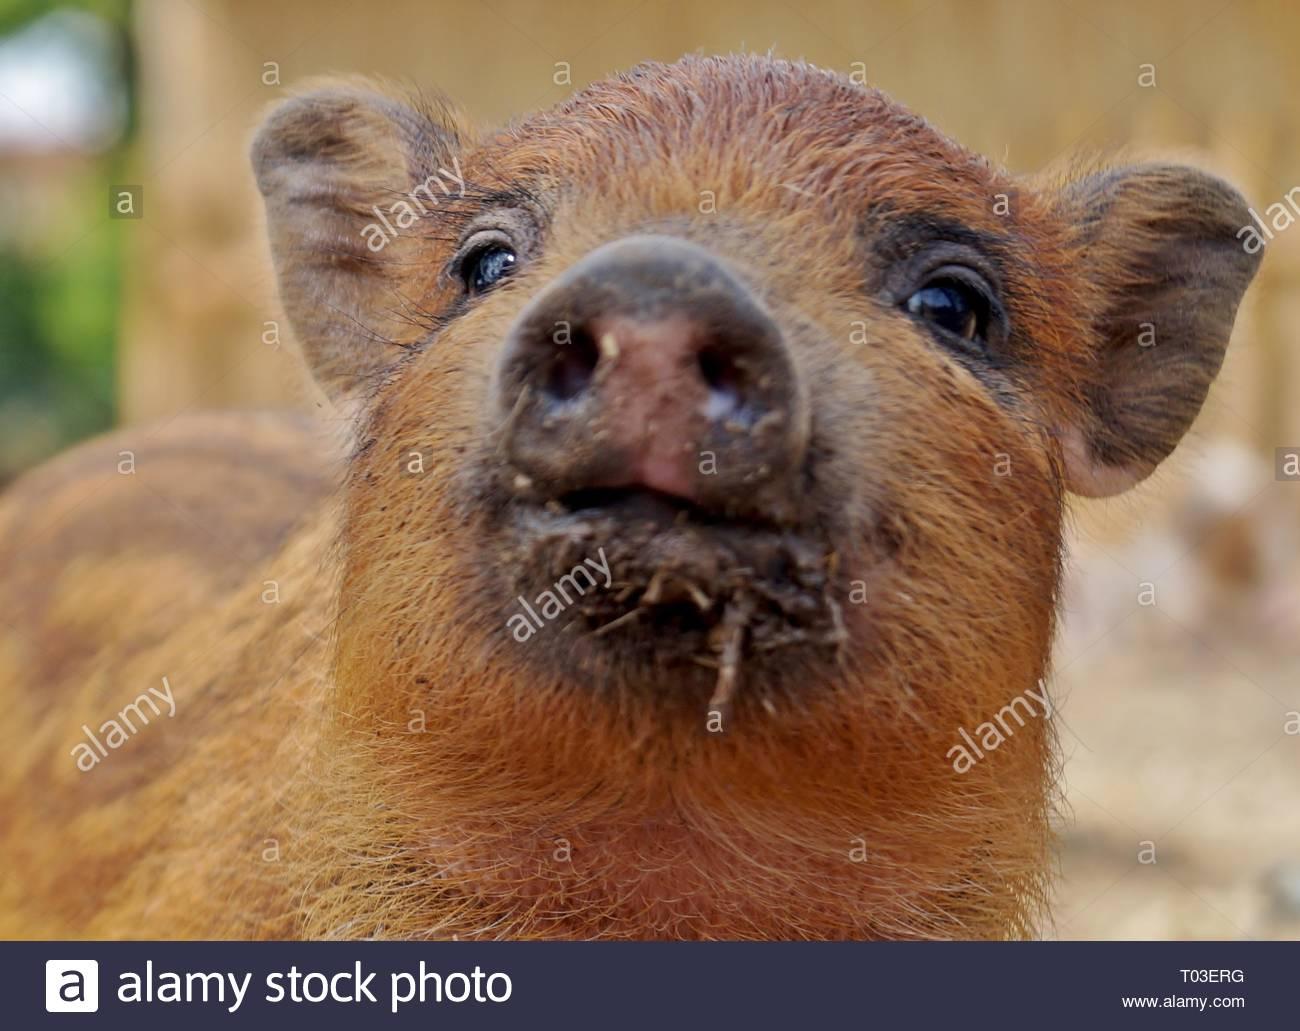 Kleines süßes Schweinchen sucht in einer Kamera Stockbild